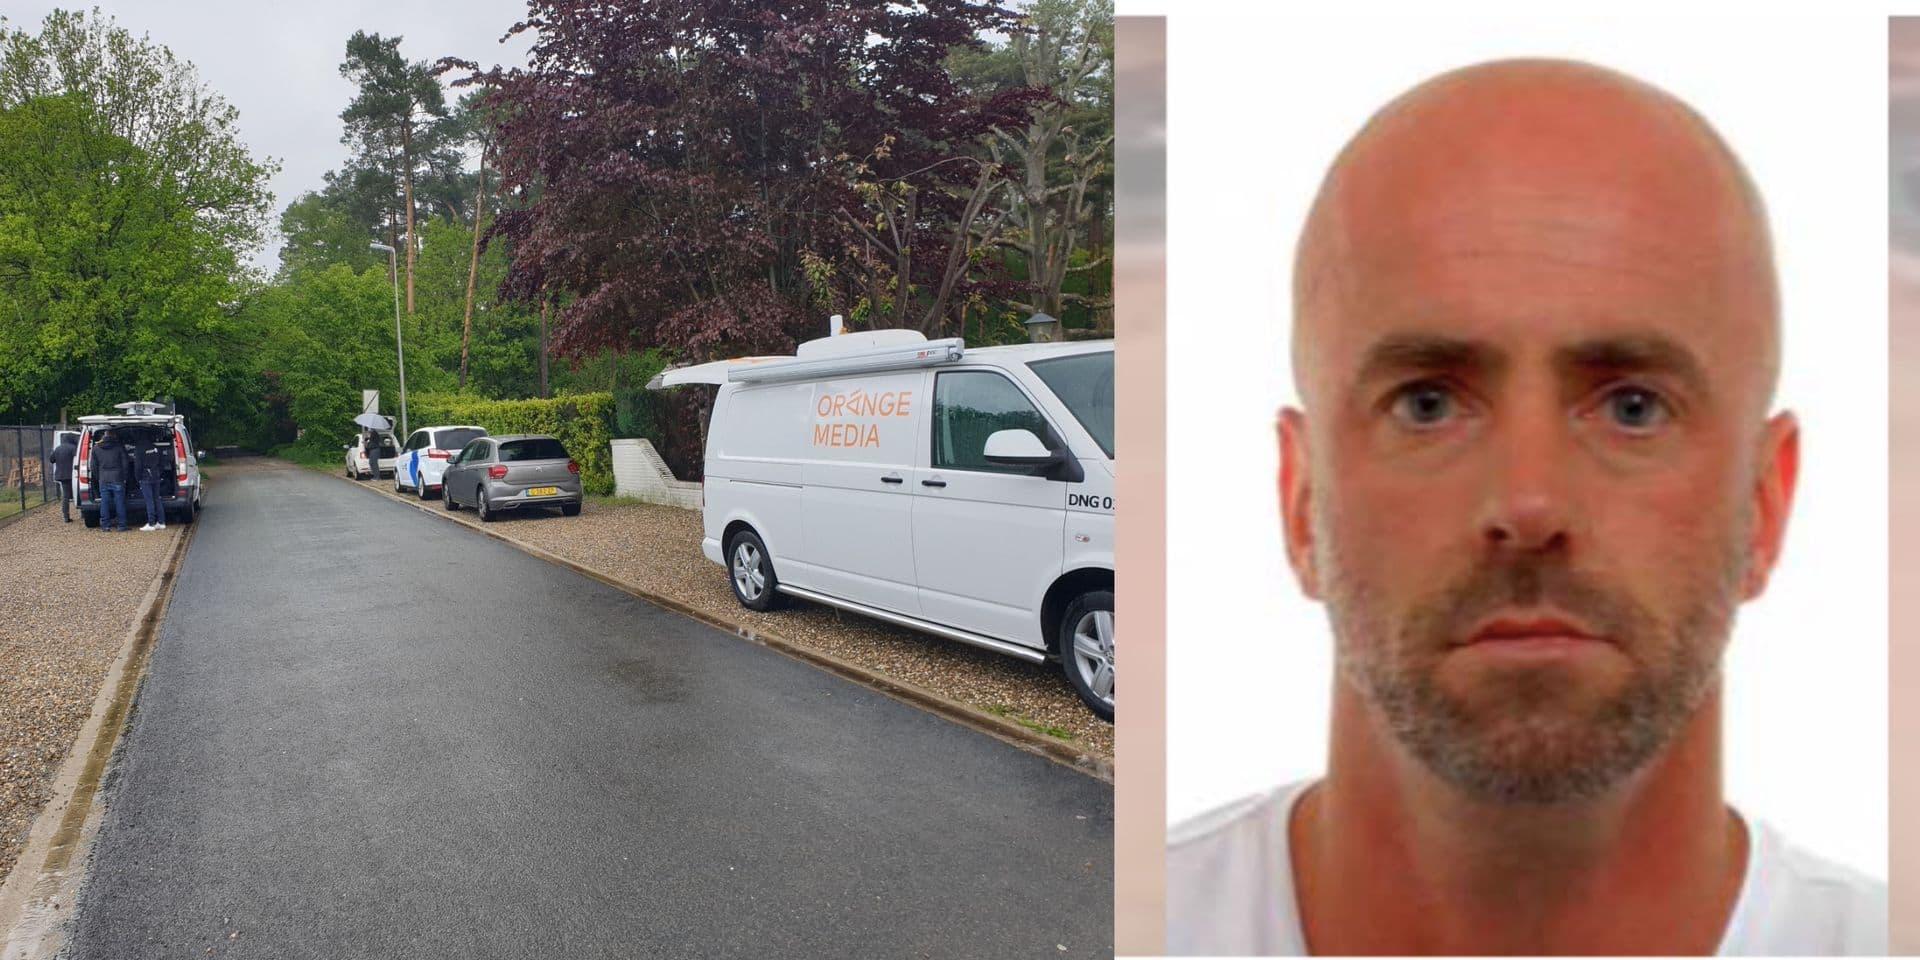 La police diffuse un avis de recherche pour retrouver le fugitif qui cible Marc Van Ranst